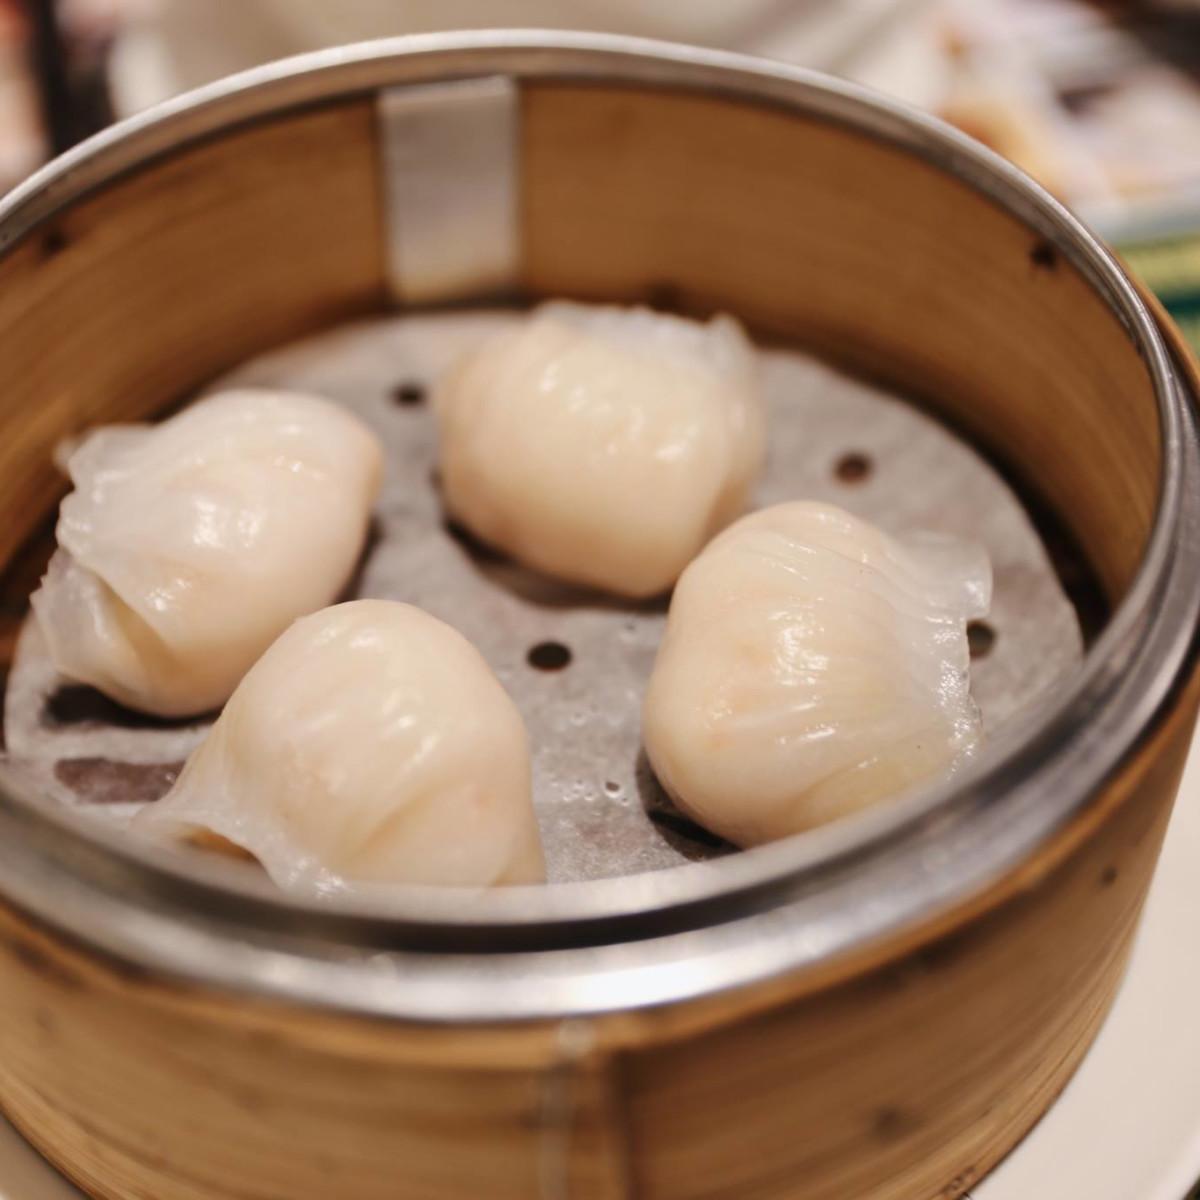 Tim Ho Wan dim sum shrimp dumplings